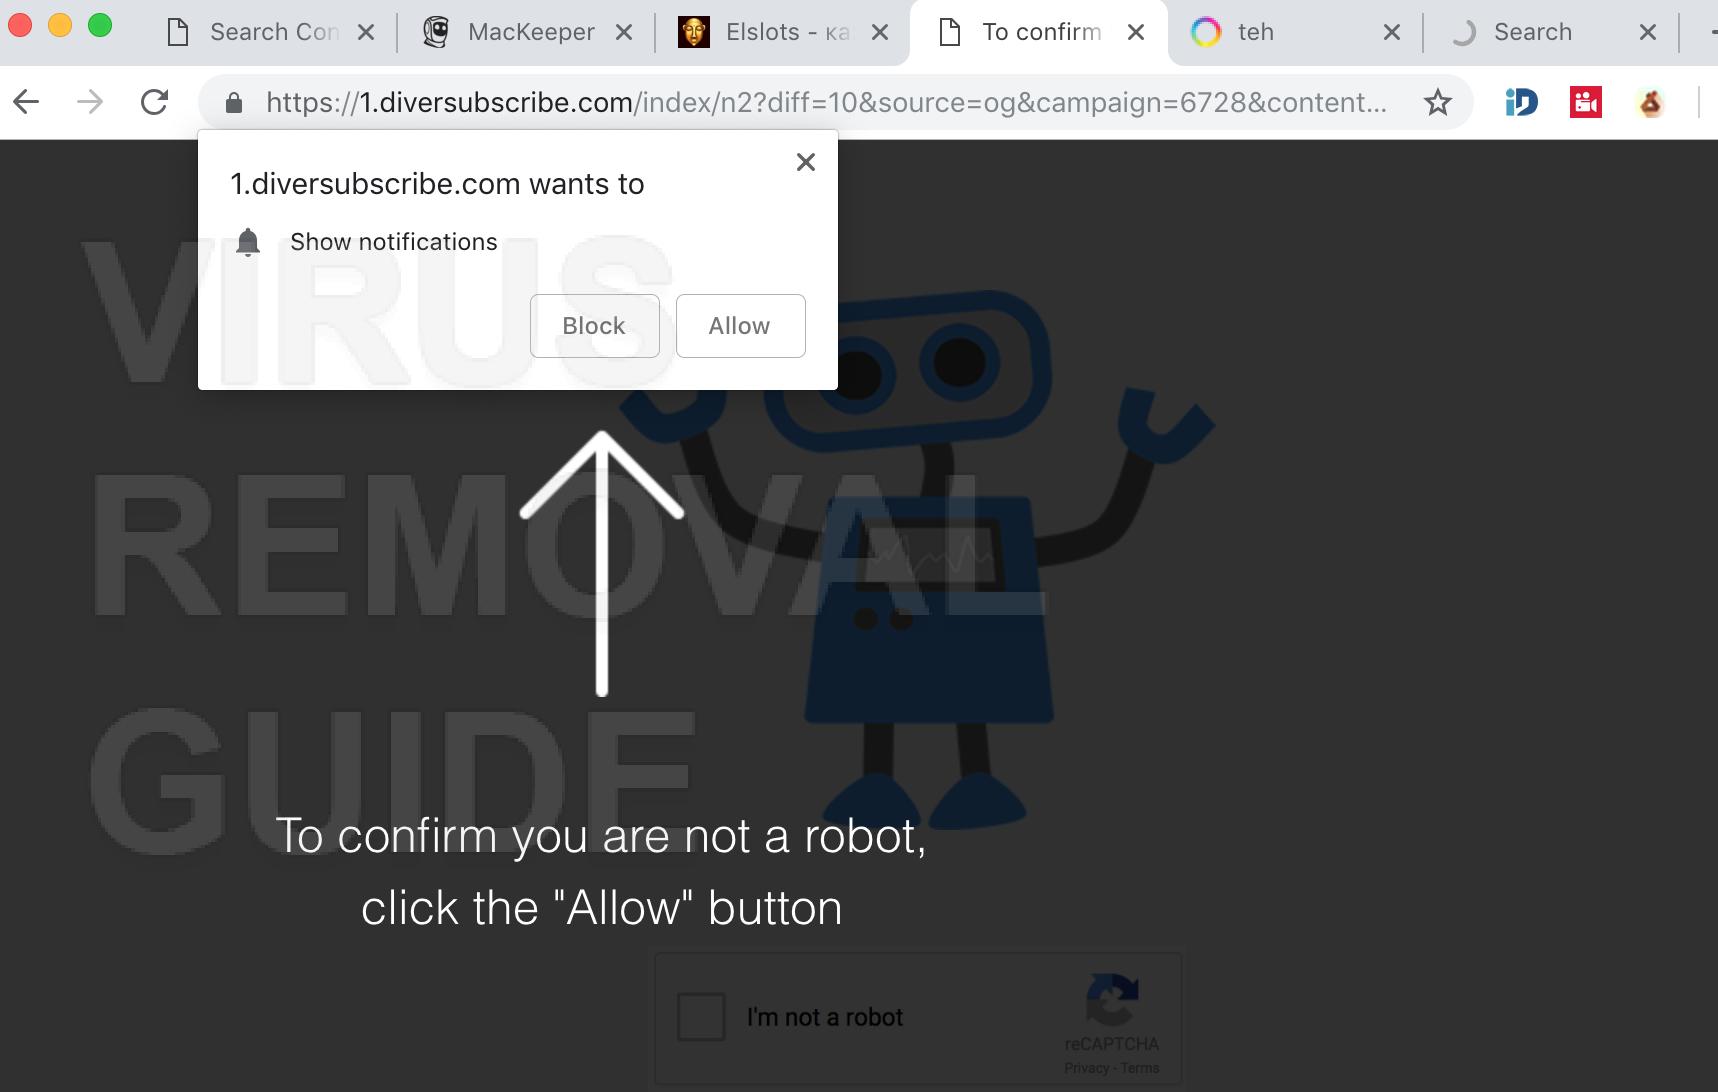 Diversubscribe.com